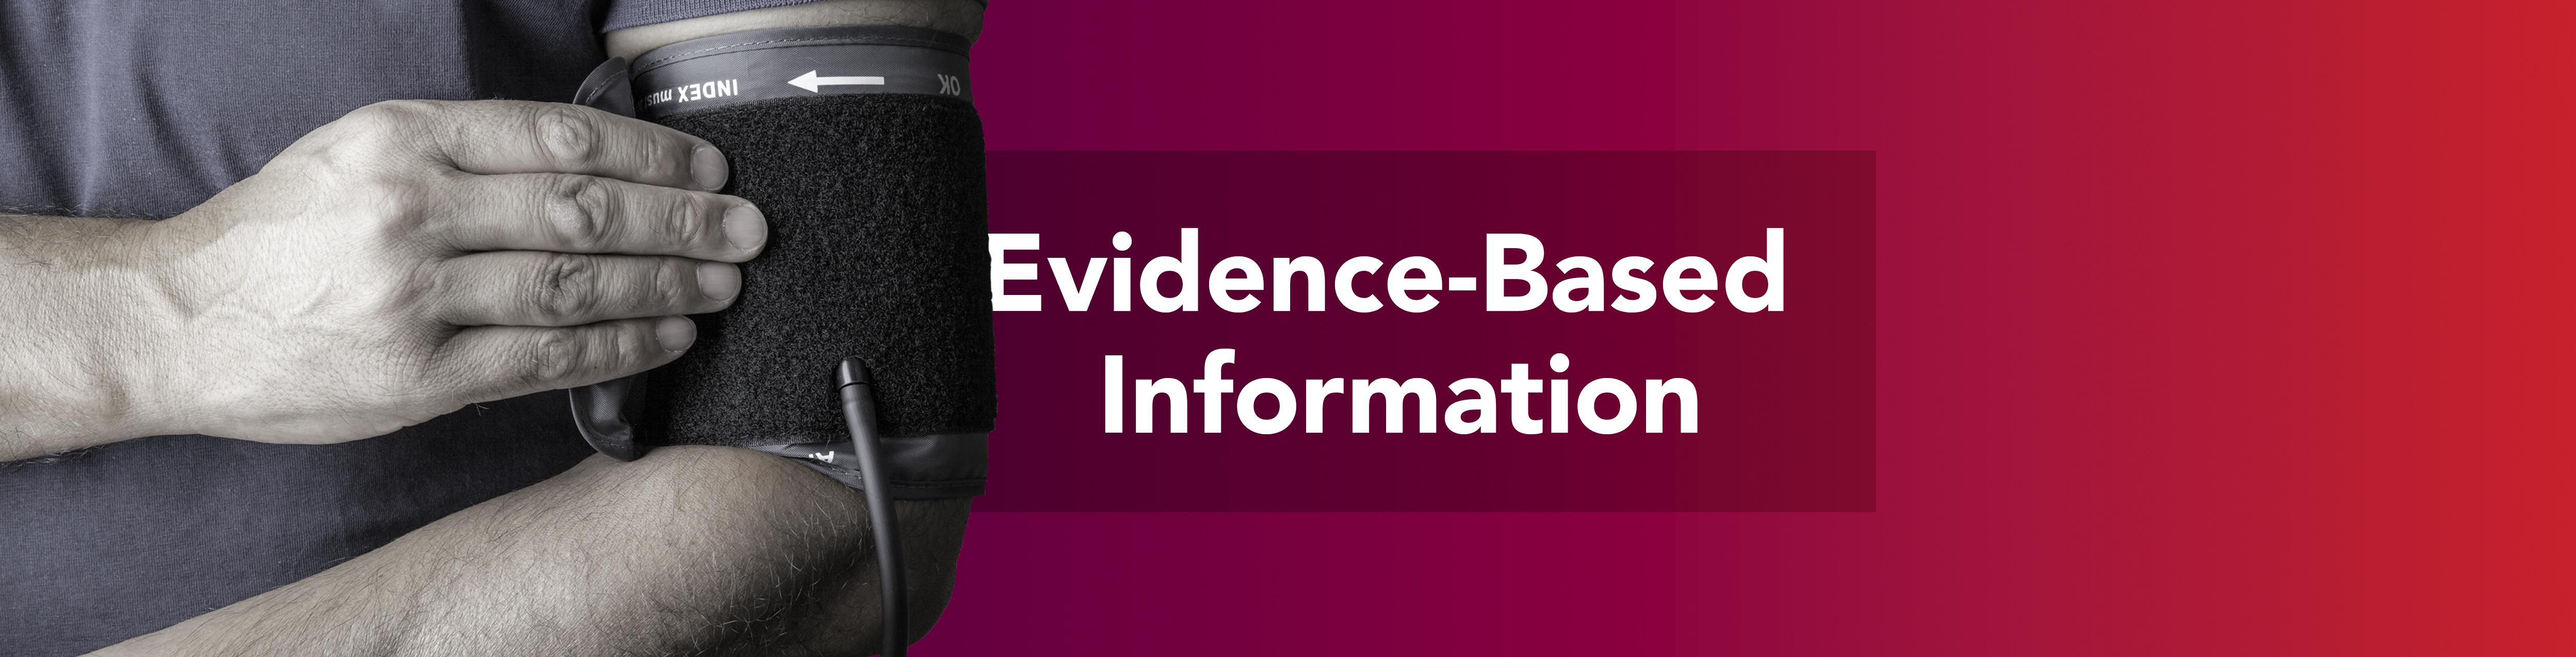 Evidence_Based_Information